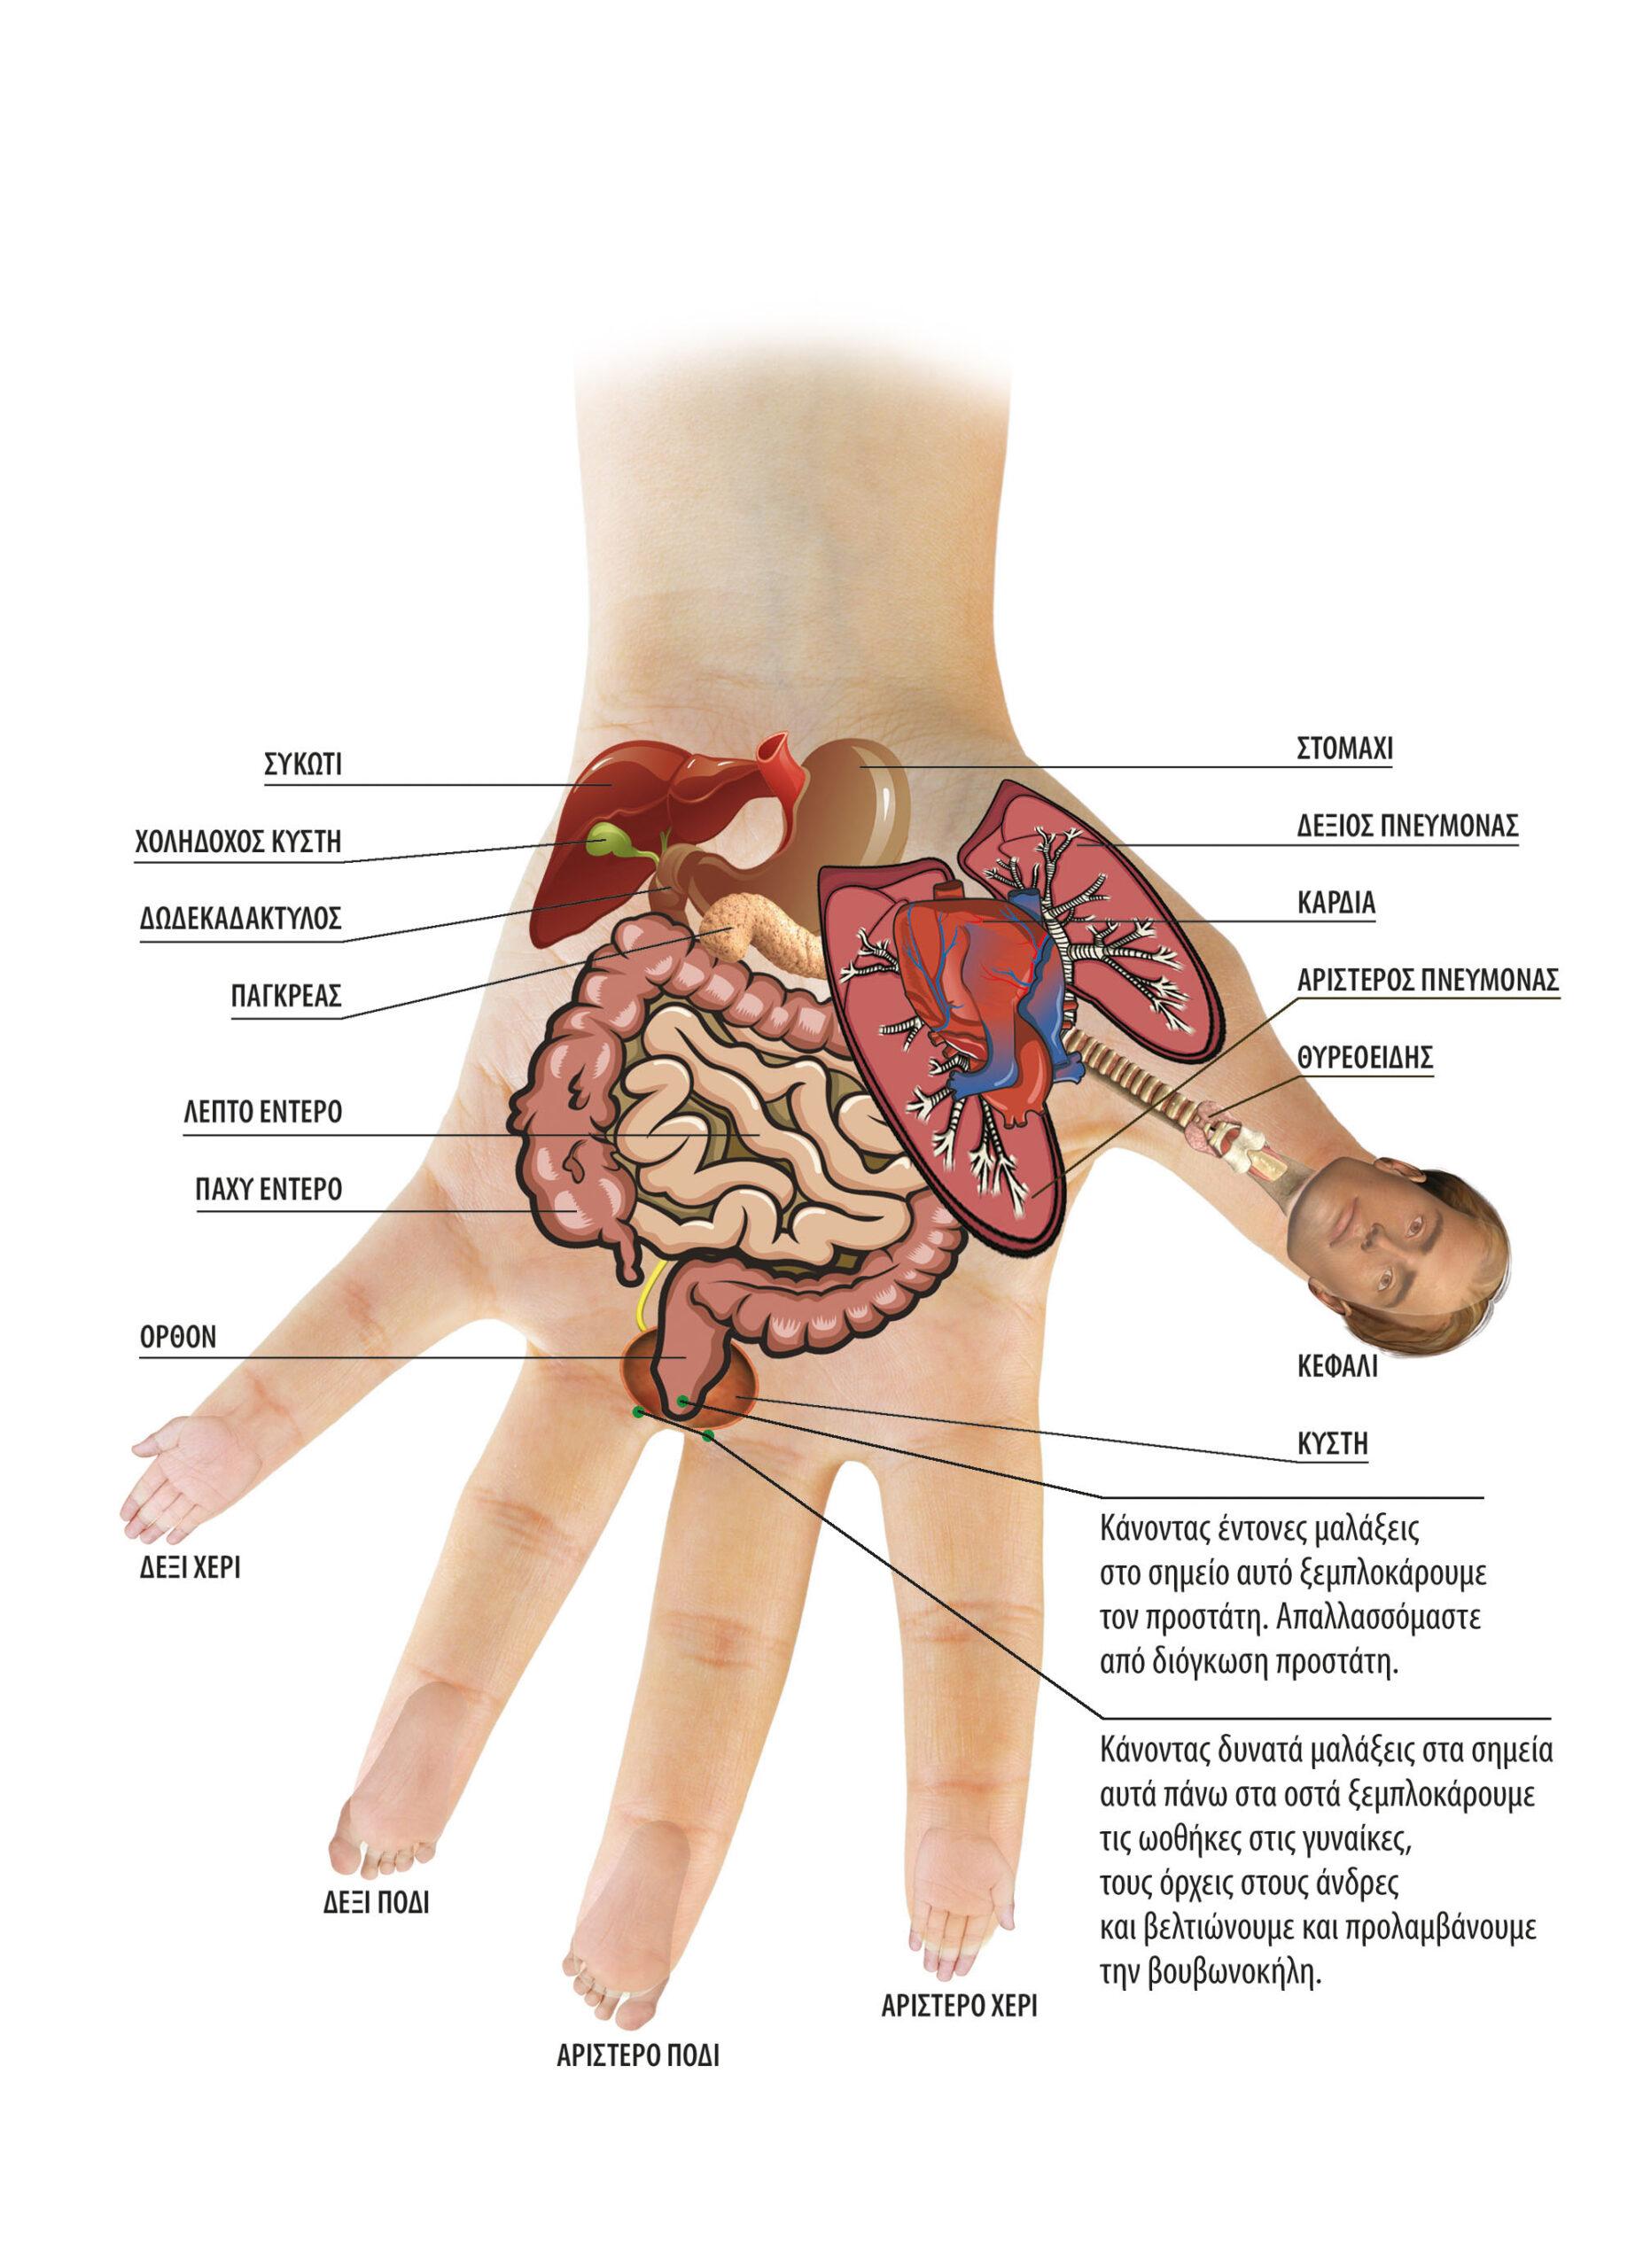 Εναλλακτικοί τρόποι και διατροφή για αυτοθεραπεία από προστατίτιδα και διόγκωση του προστάτη. 2